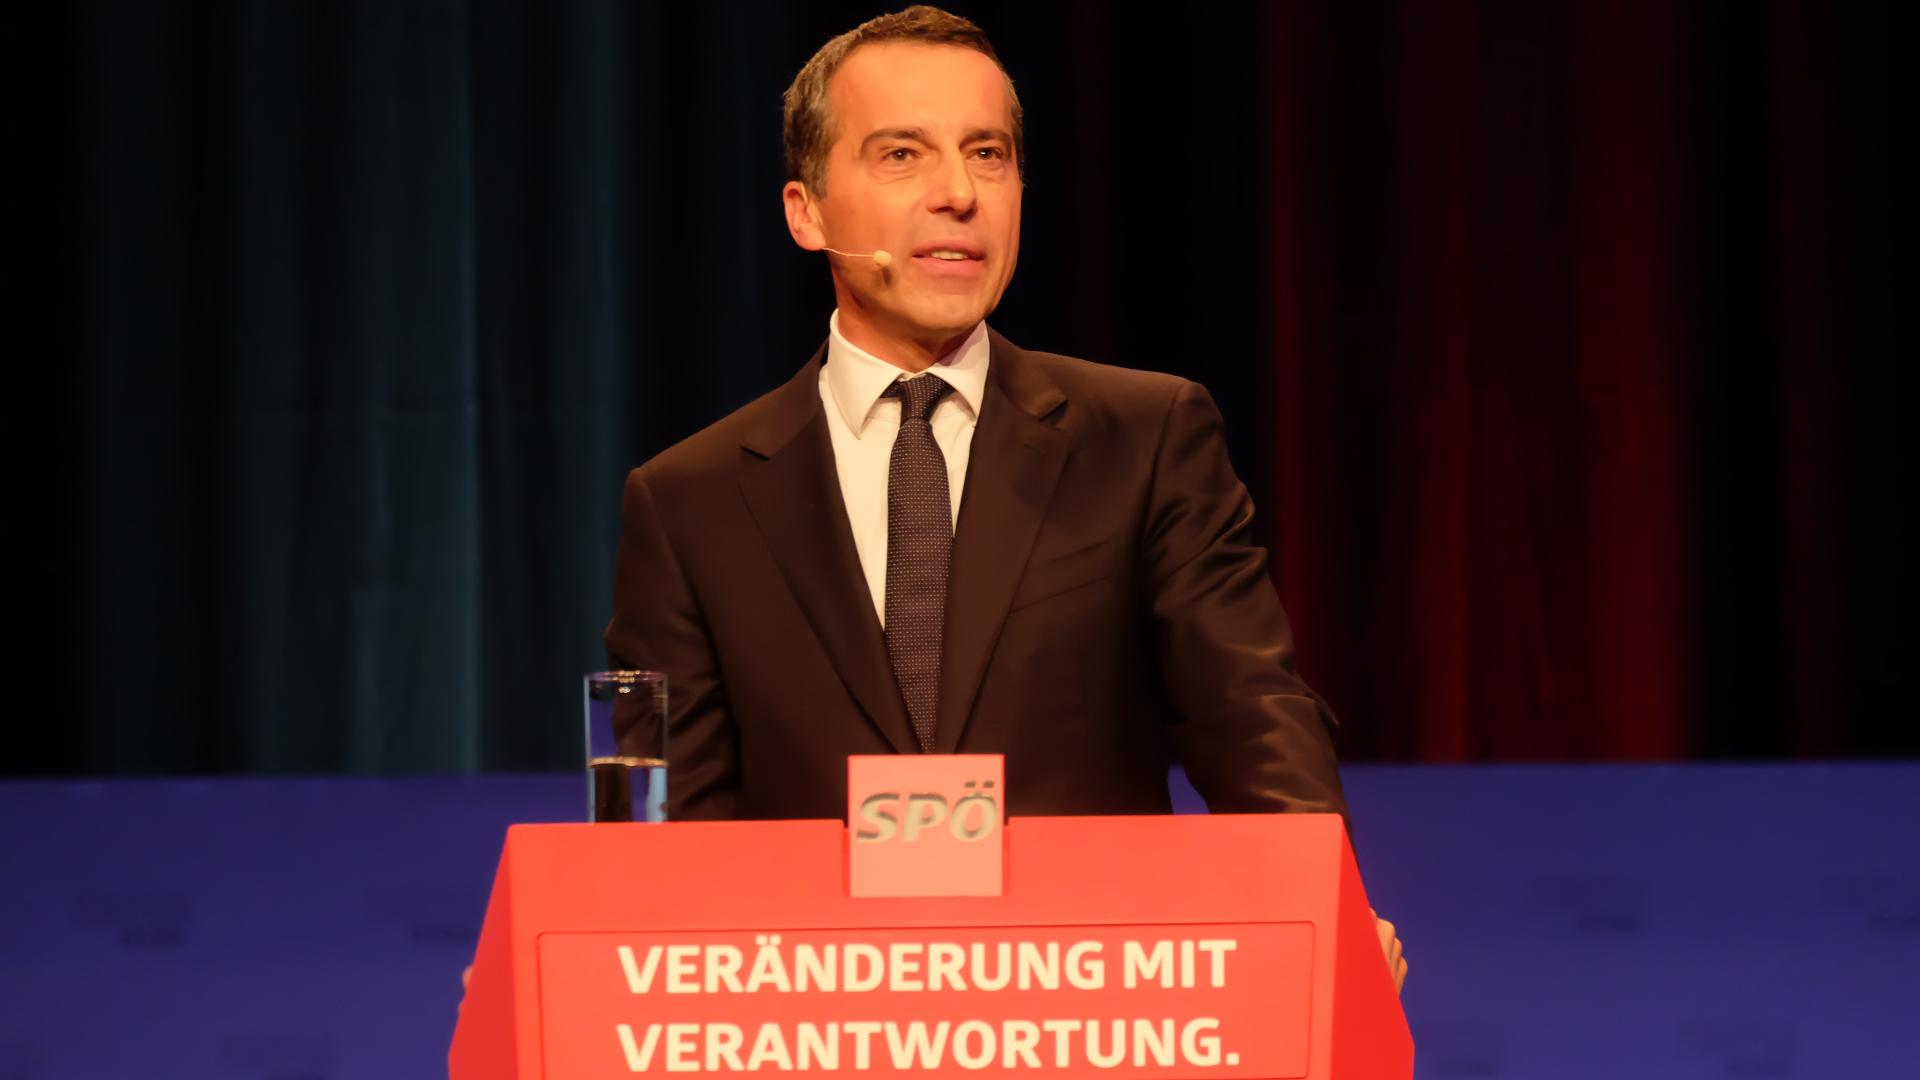 Christian-Kern-Rücktritt-SPÖ-Vorsitz-Graz-Podium